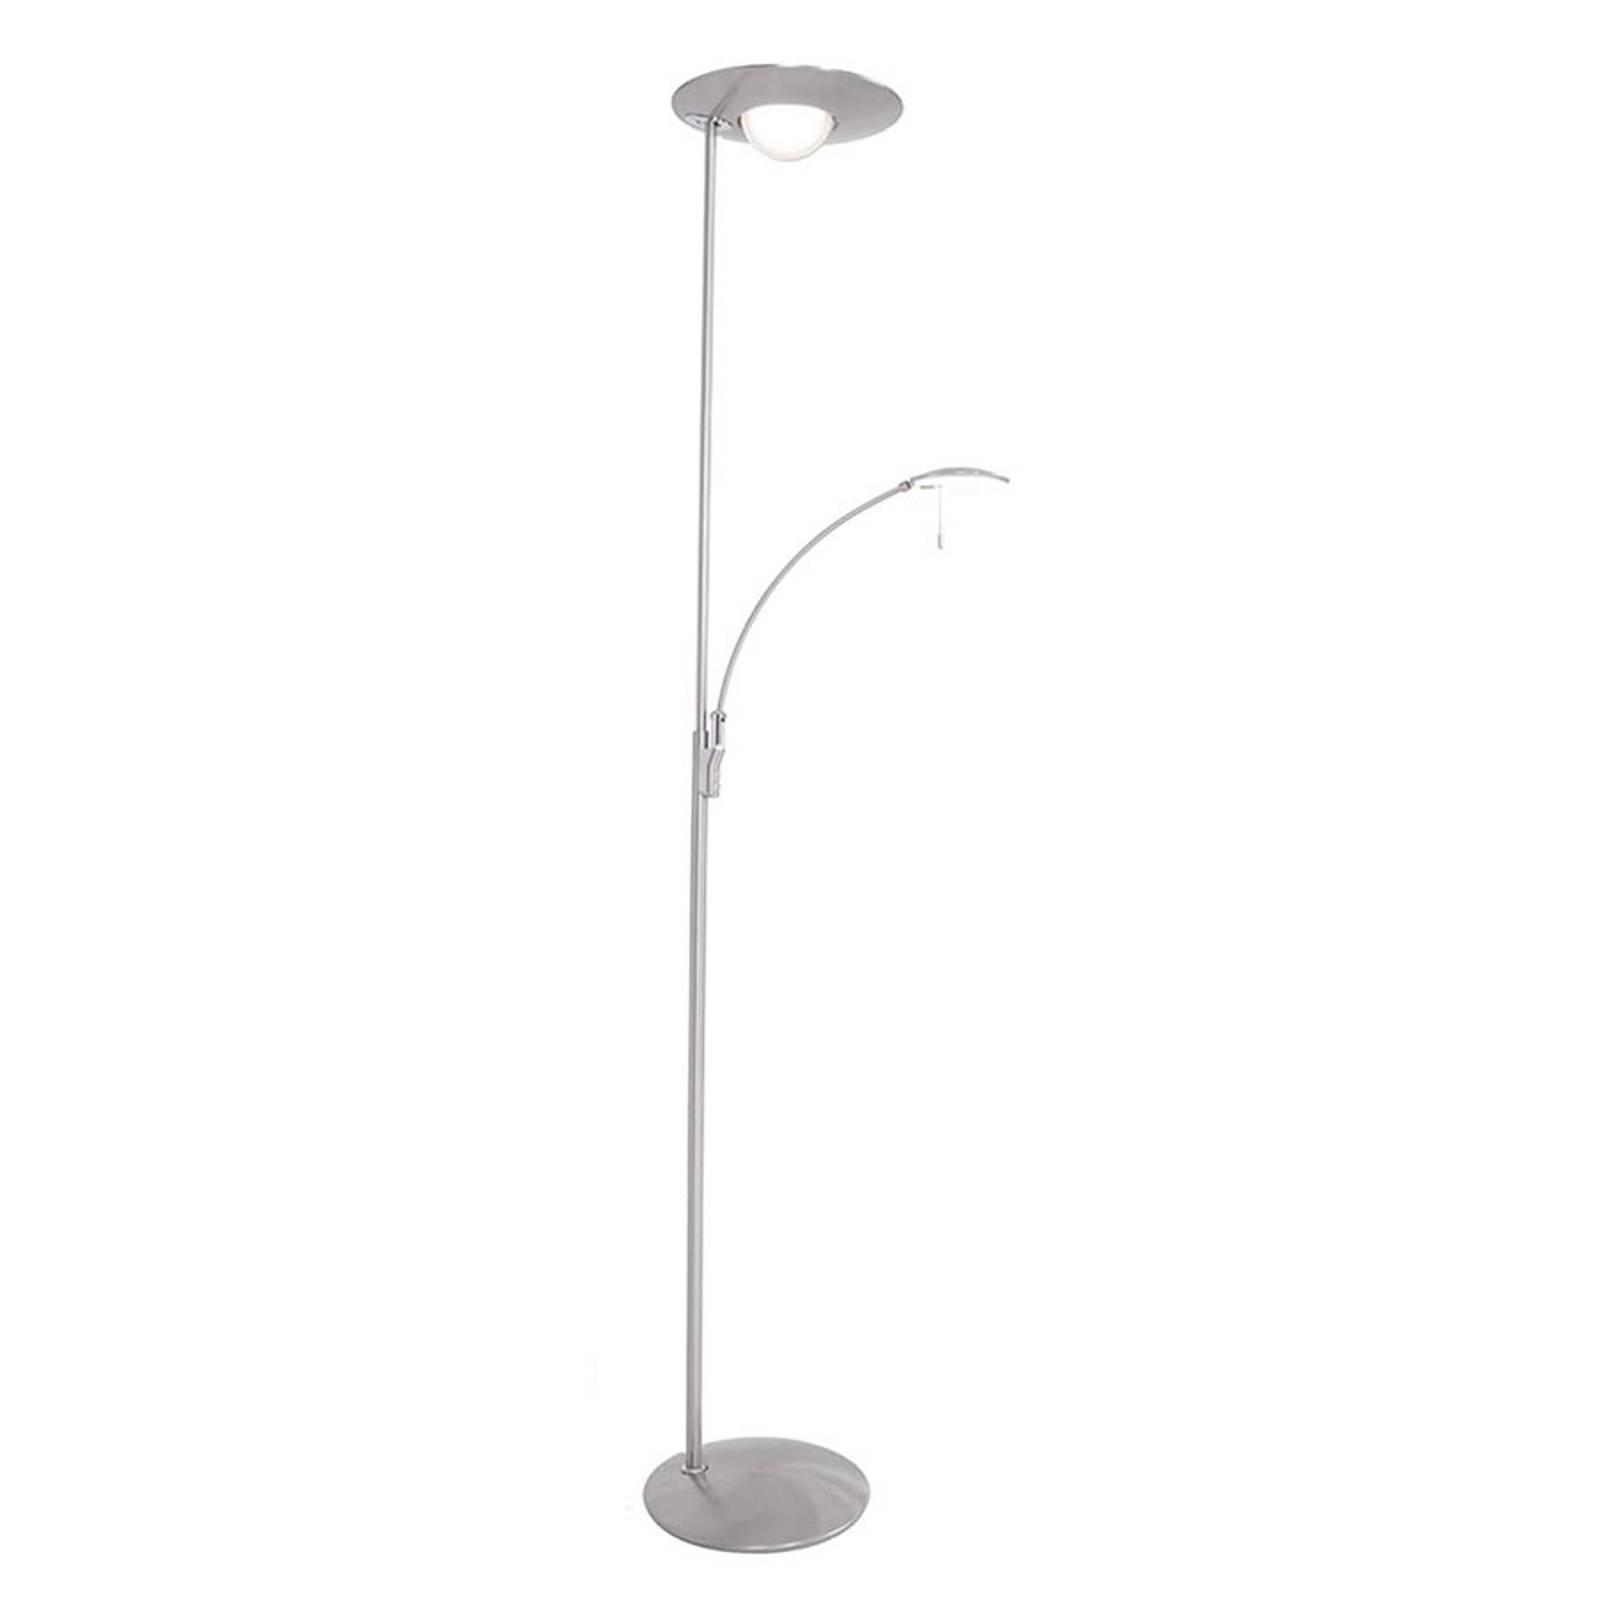 stehlampen von steinhauer bv und andere lampen f r wohnzimmer online kaufen bei m bel garten. Black Bedroom Furniture Sets. Home Design Ideas